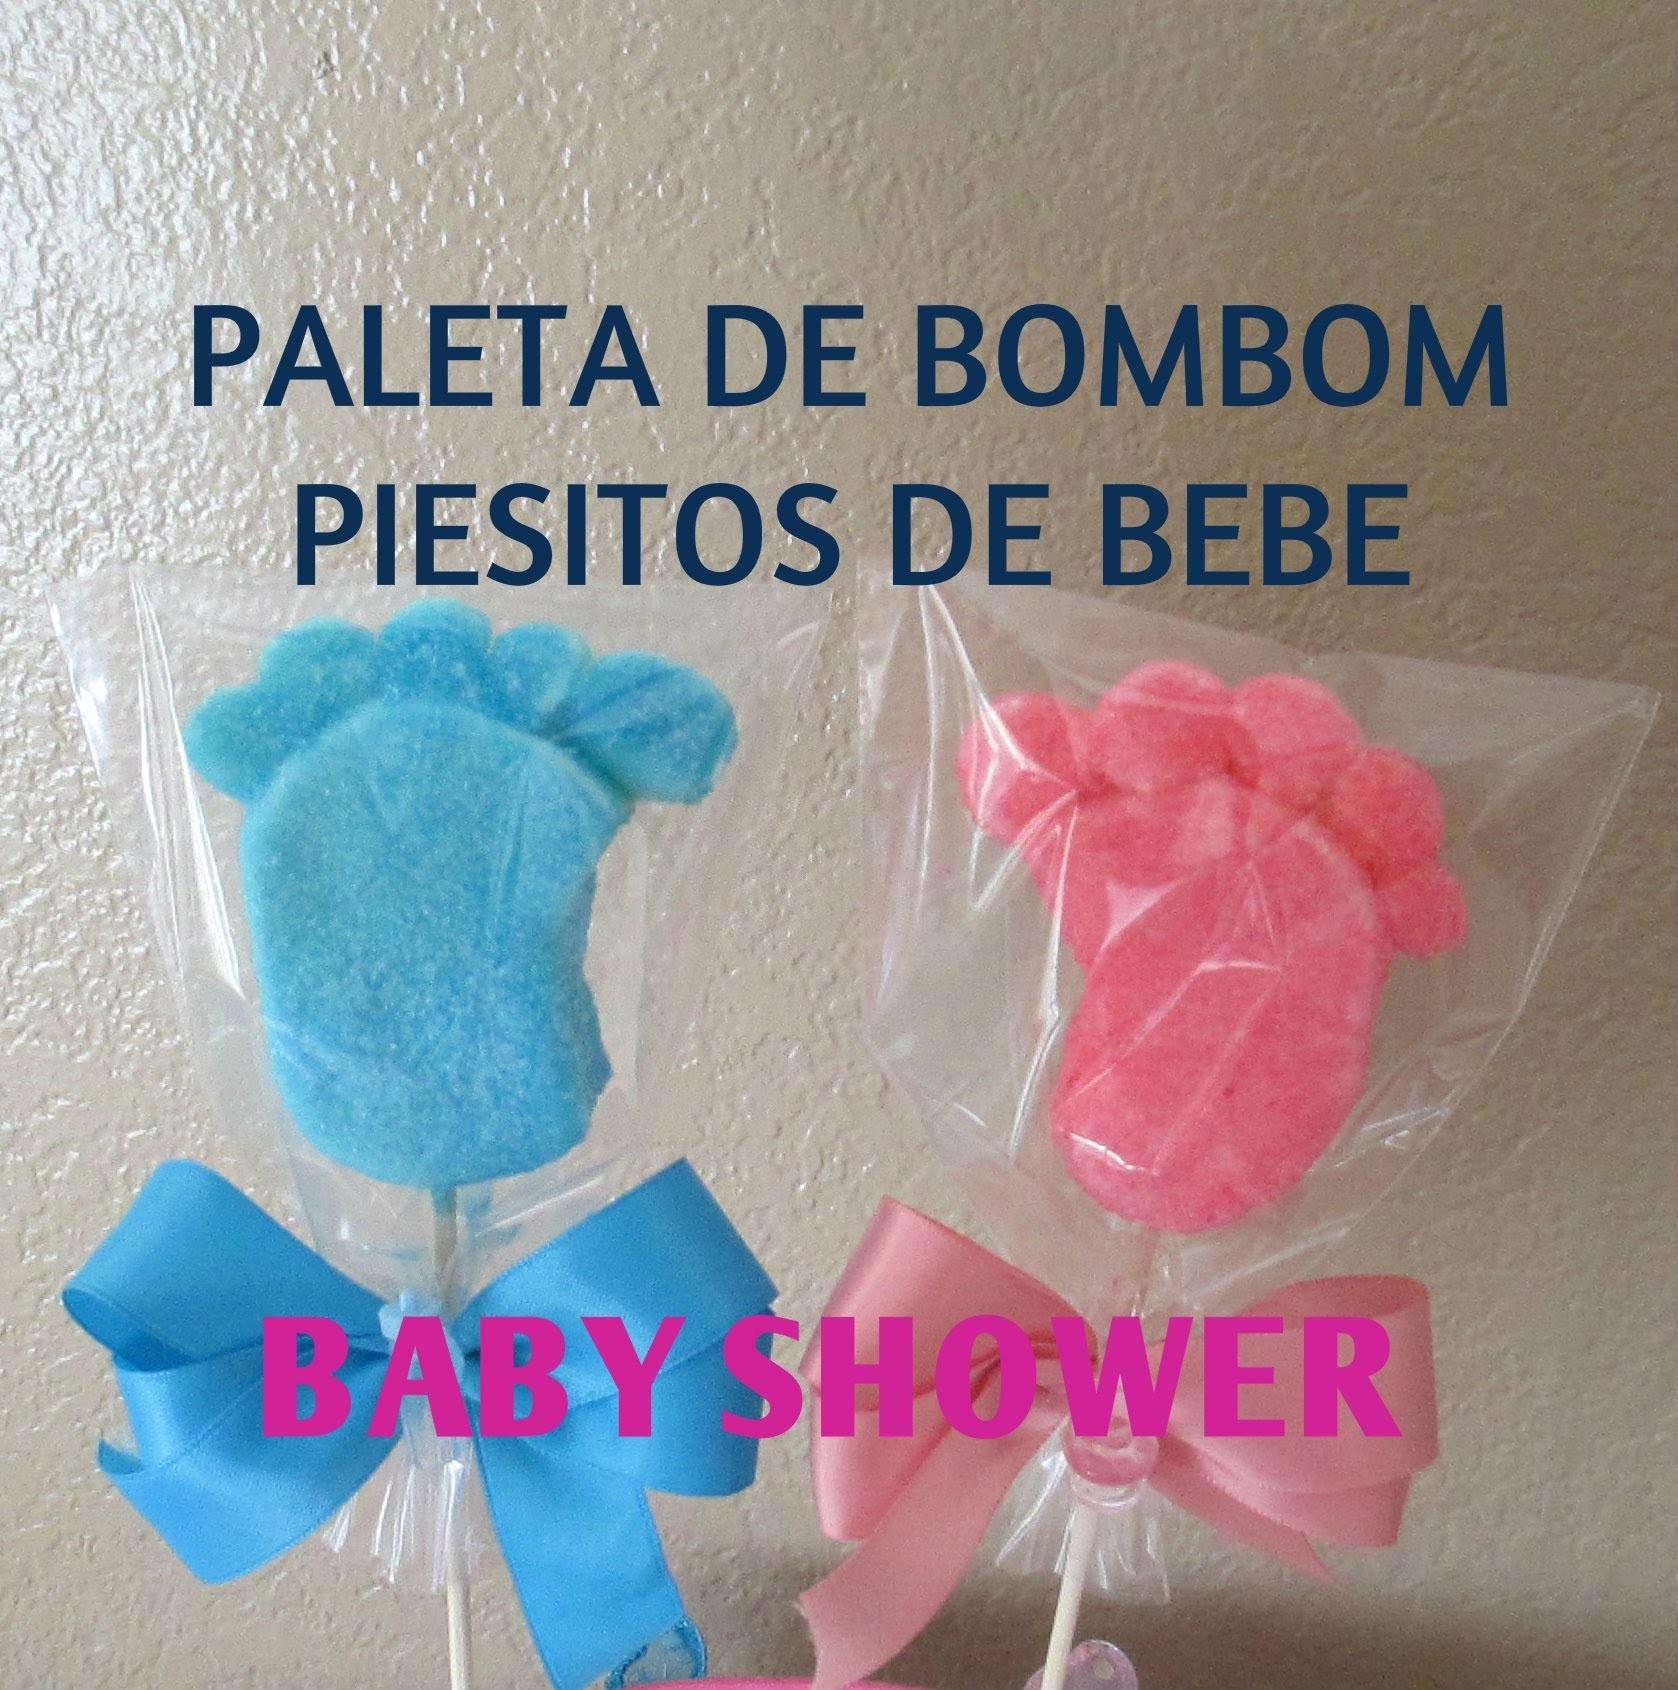 Paleta De Bombon Piesitos De Bebe.Baby Shower.Tutorial - Madelin's Cakes